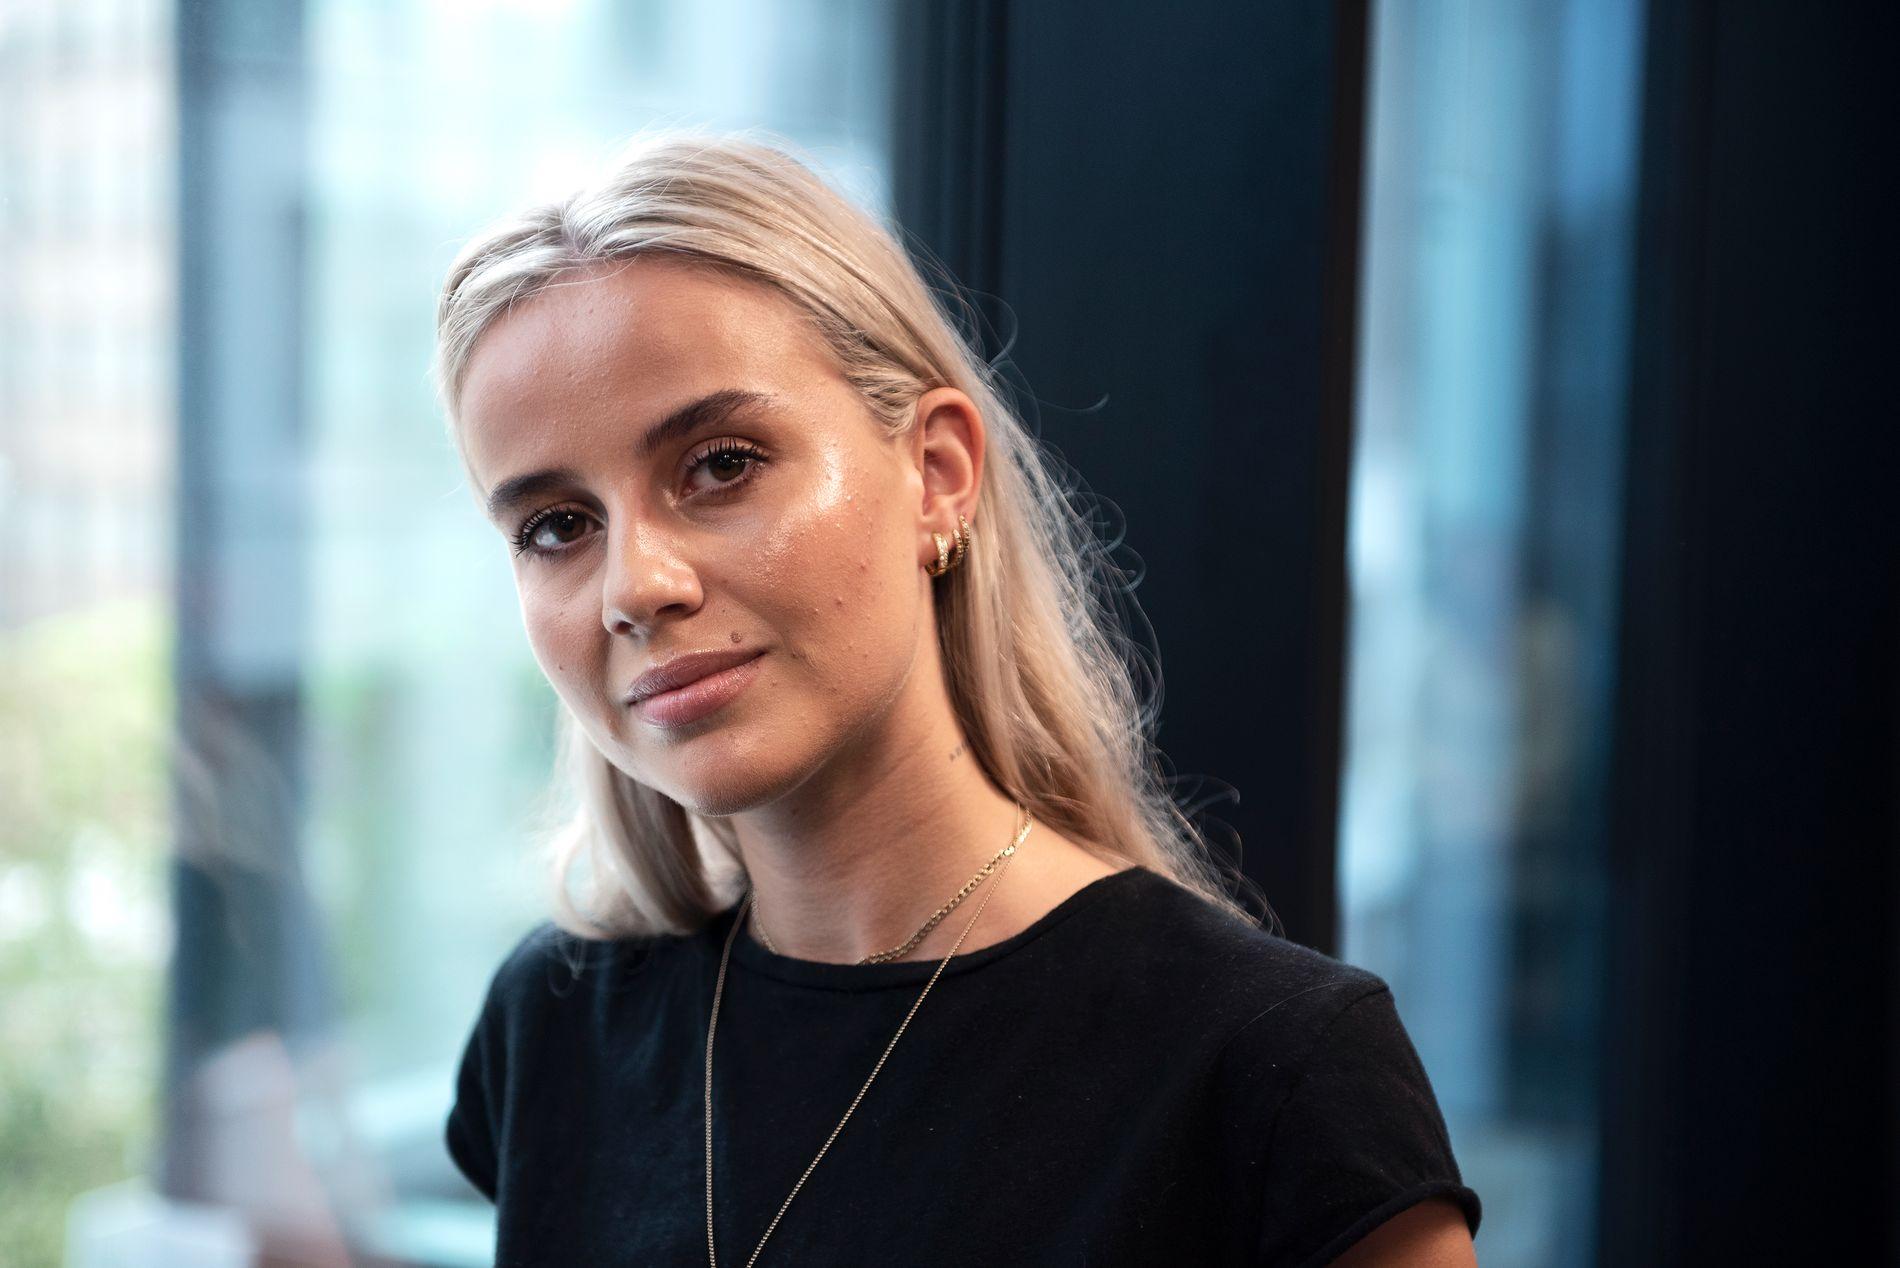 NY SESONG: Anniken Jørgensen (22) er med i den nye sesongen av realityserien «Bloggerne» på TV 2.